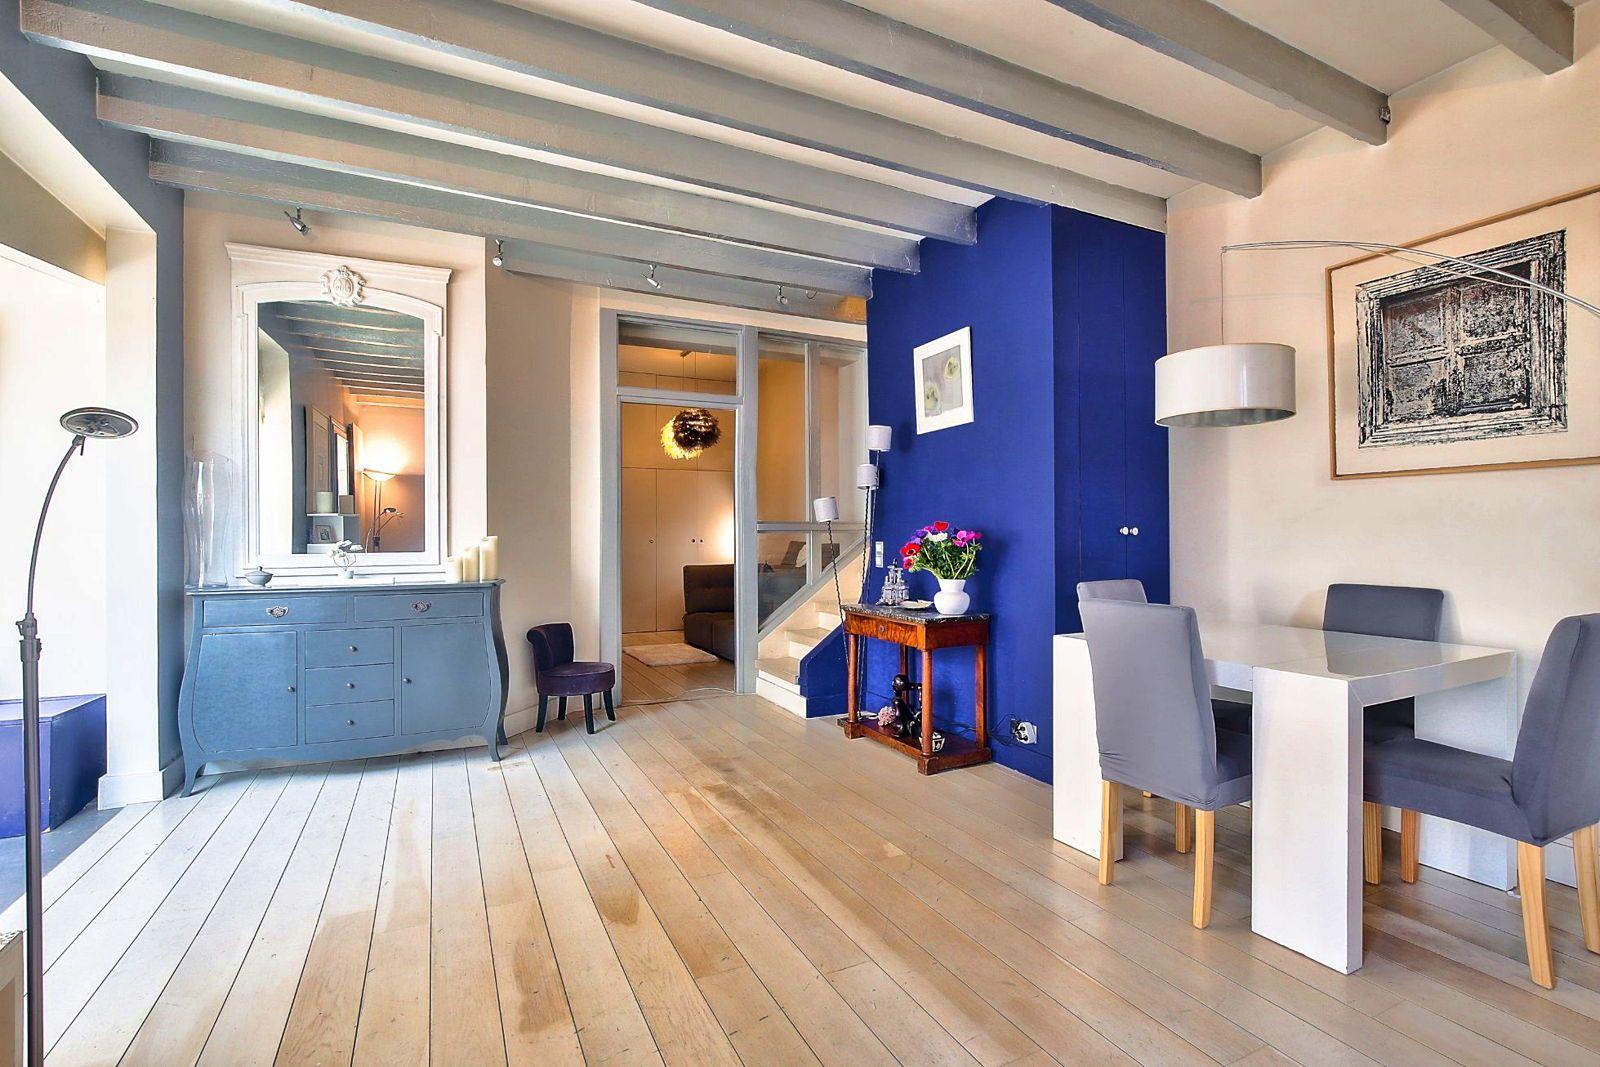 Vends maison de 83m², 3CH, Rue du Château à Boulogne-Billancourt